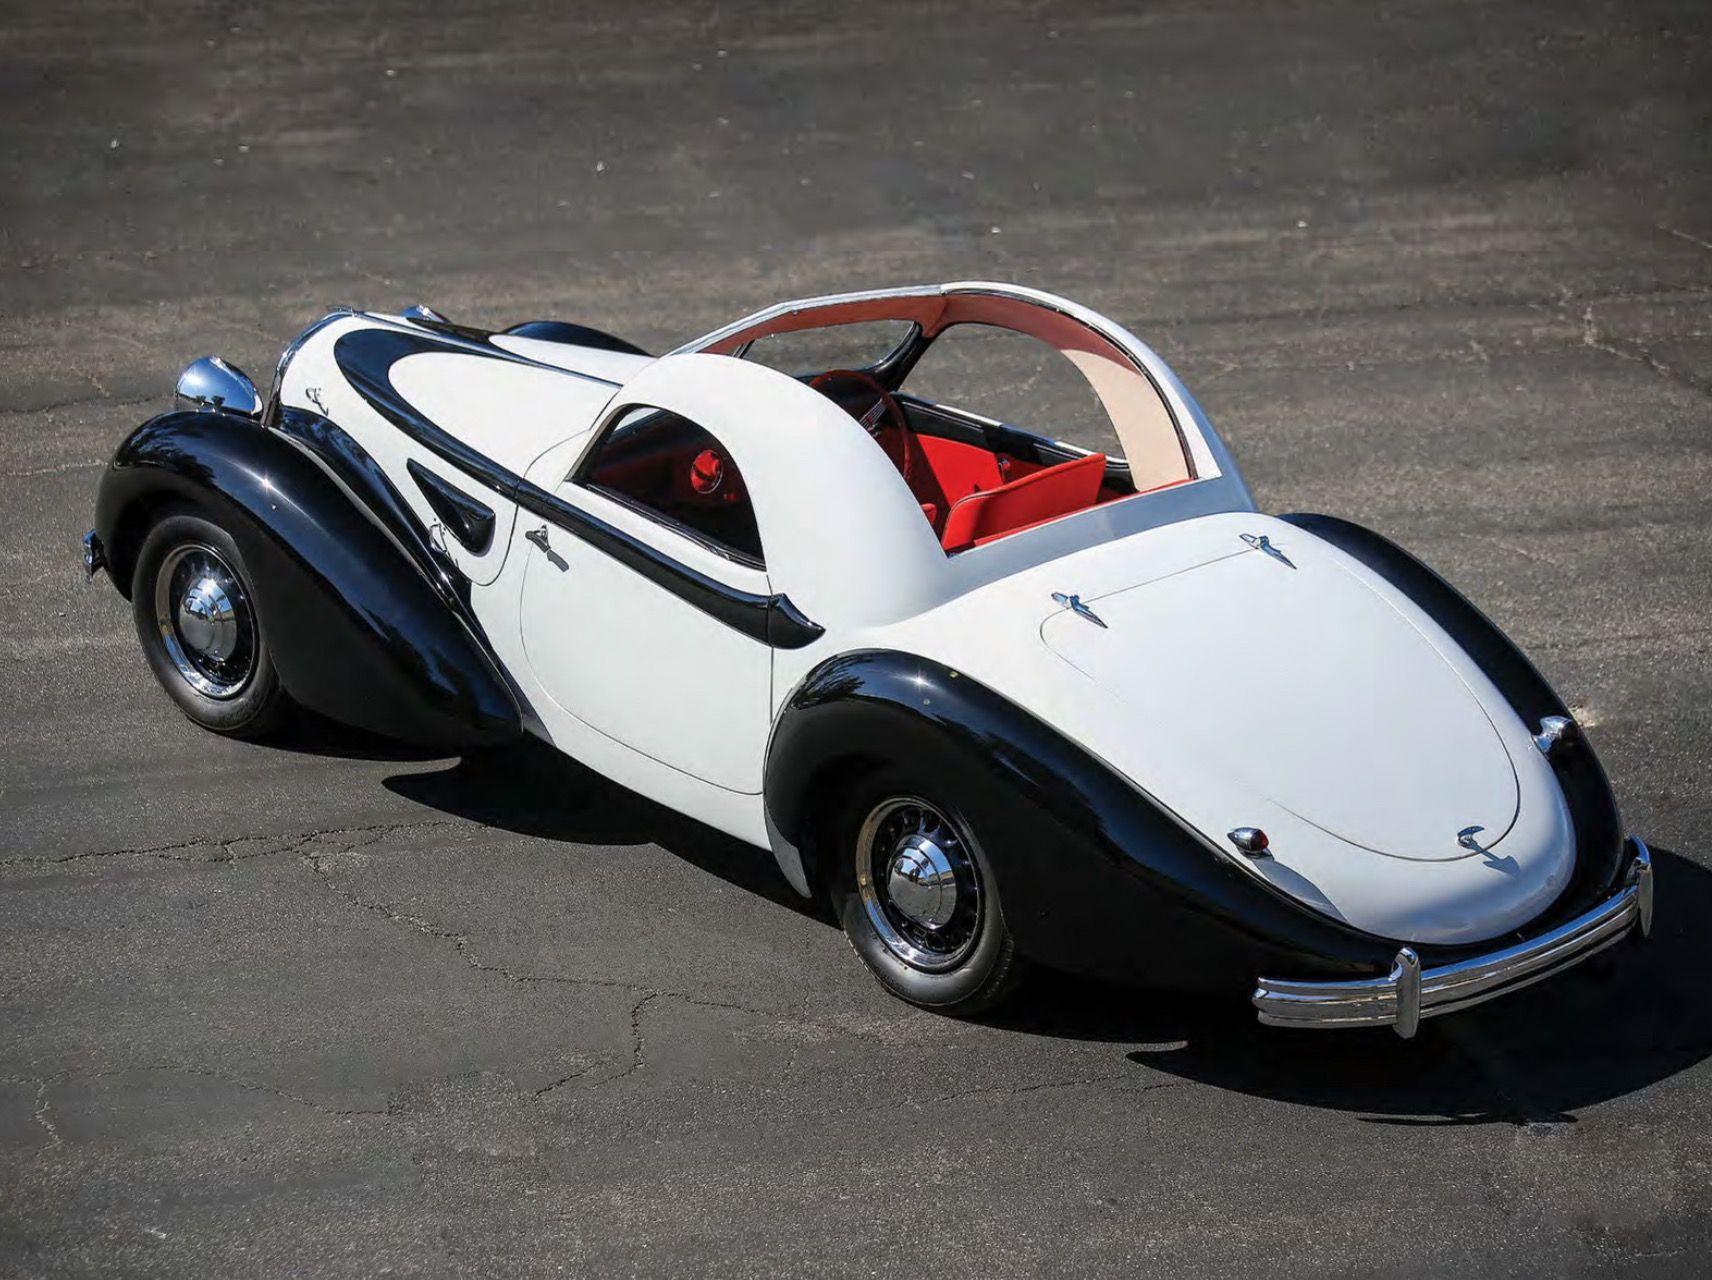 1937 Delahaye 135M Coupe | motos y autos disegn | Pinterest